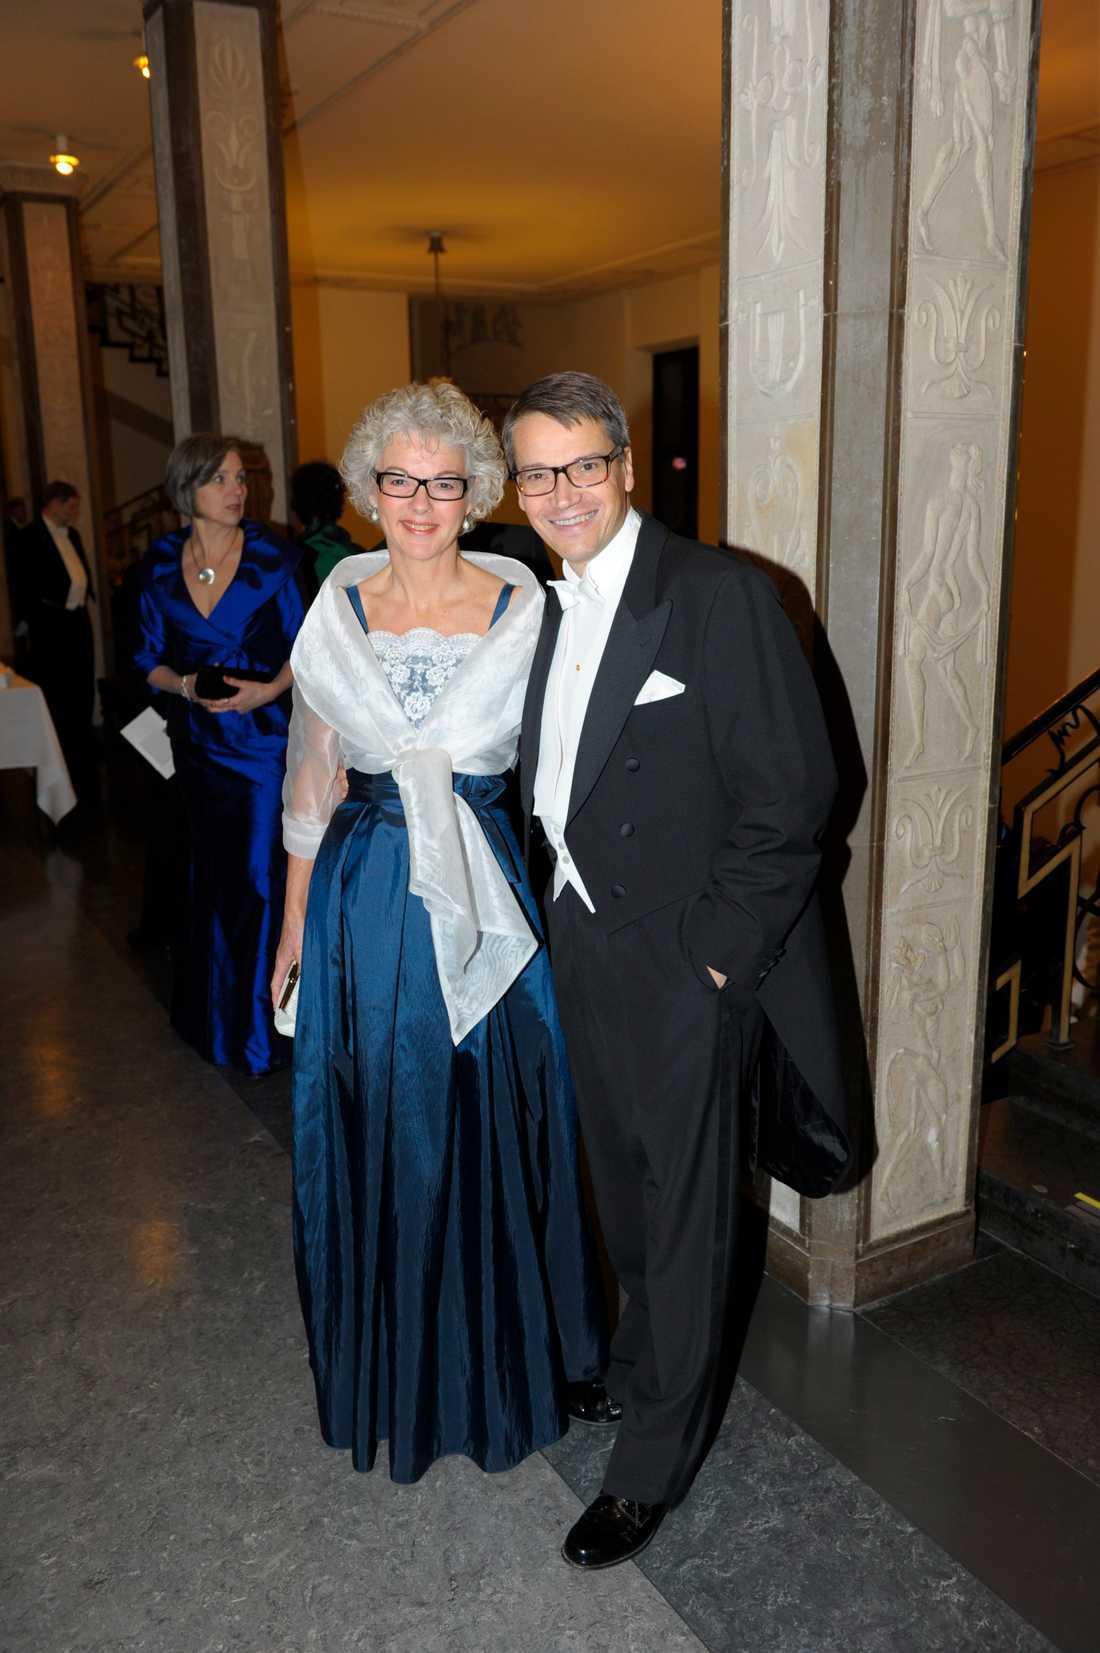 Karin Hägglund satsar på vad som verkar bli Nobels stora färg 2011 - midnattsblått. Det är lite synd att man inte helt ser hur klänningen ser ut därunder - men spetsen ser väldigt vacker ut!